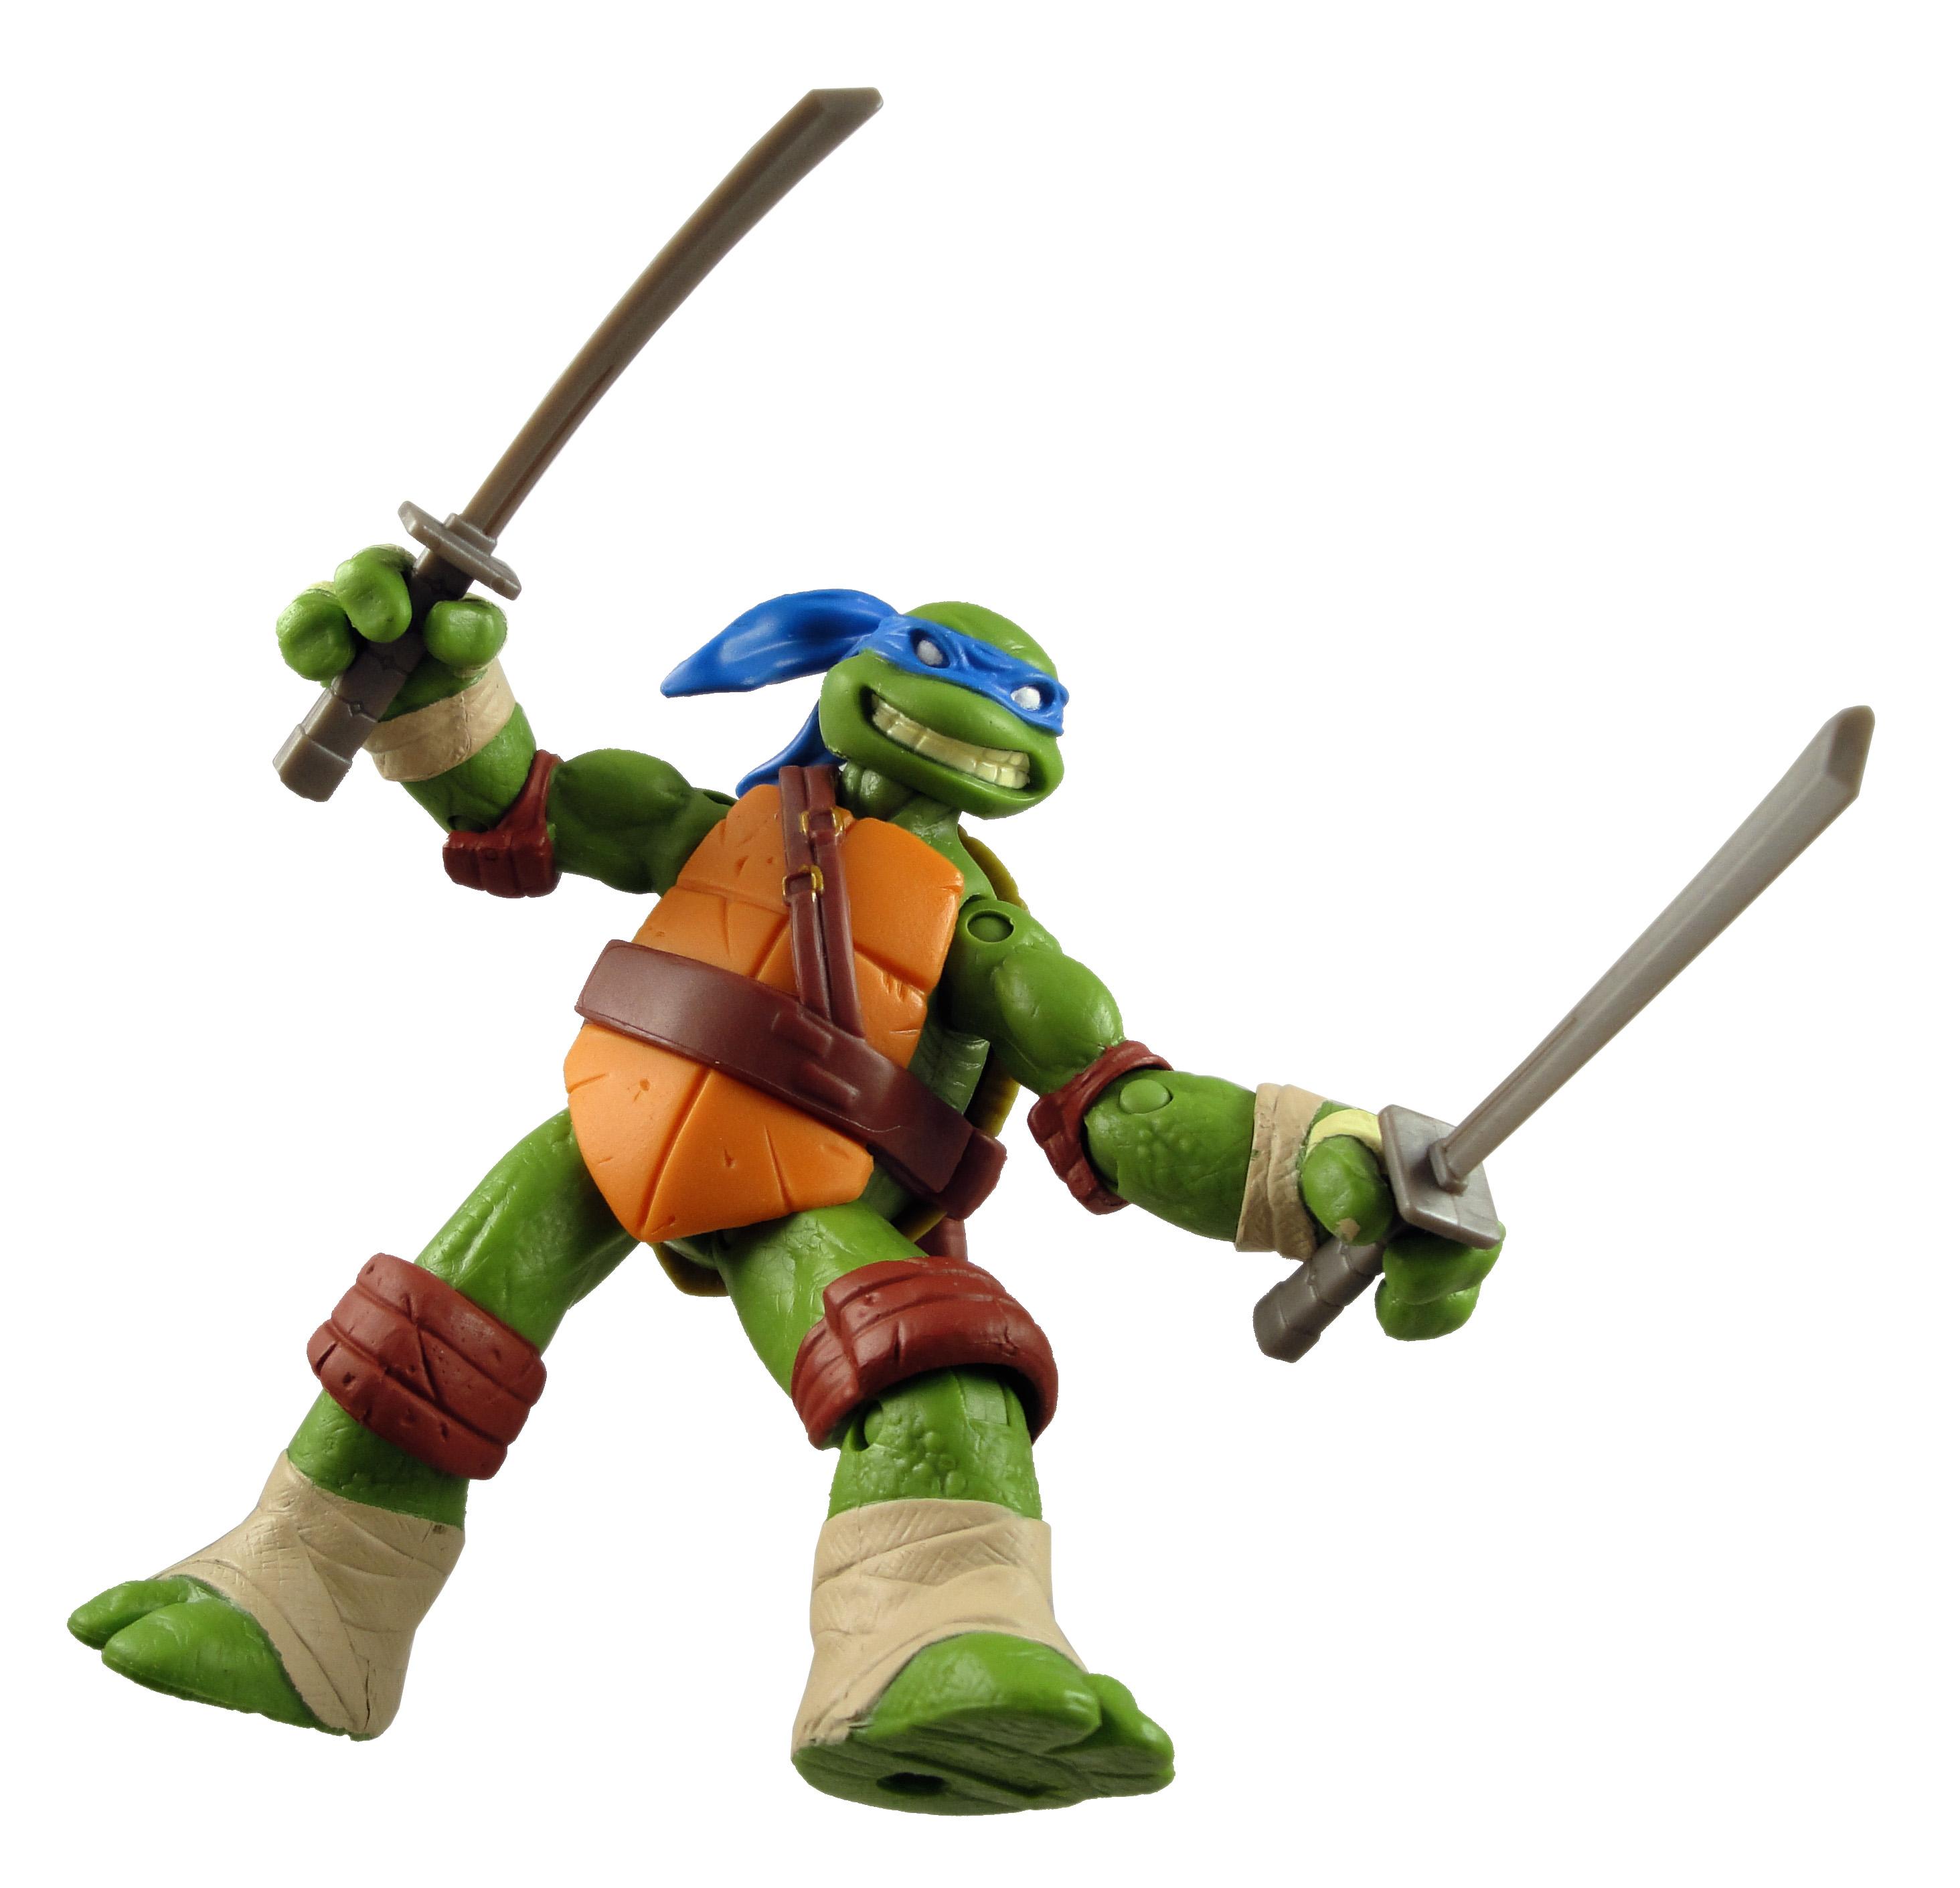 Review – Teenage Mutant Ninja Turtles Leonardo